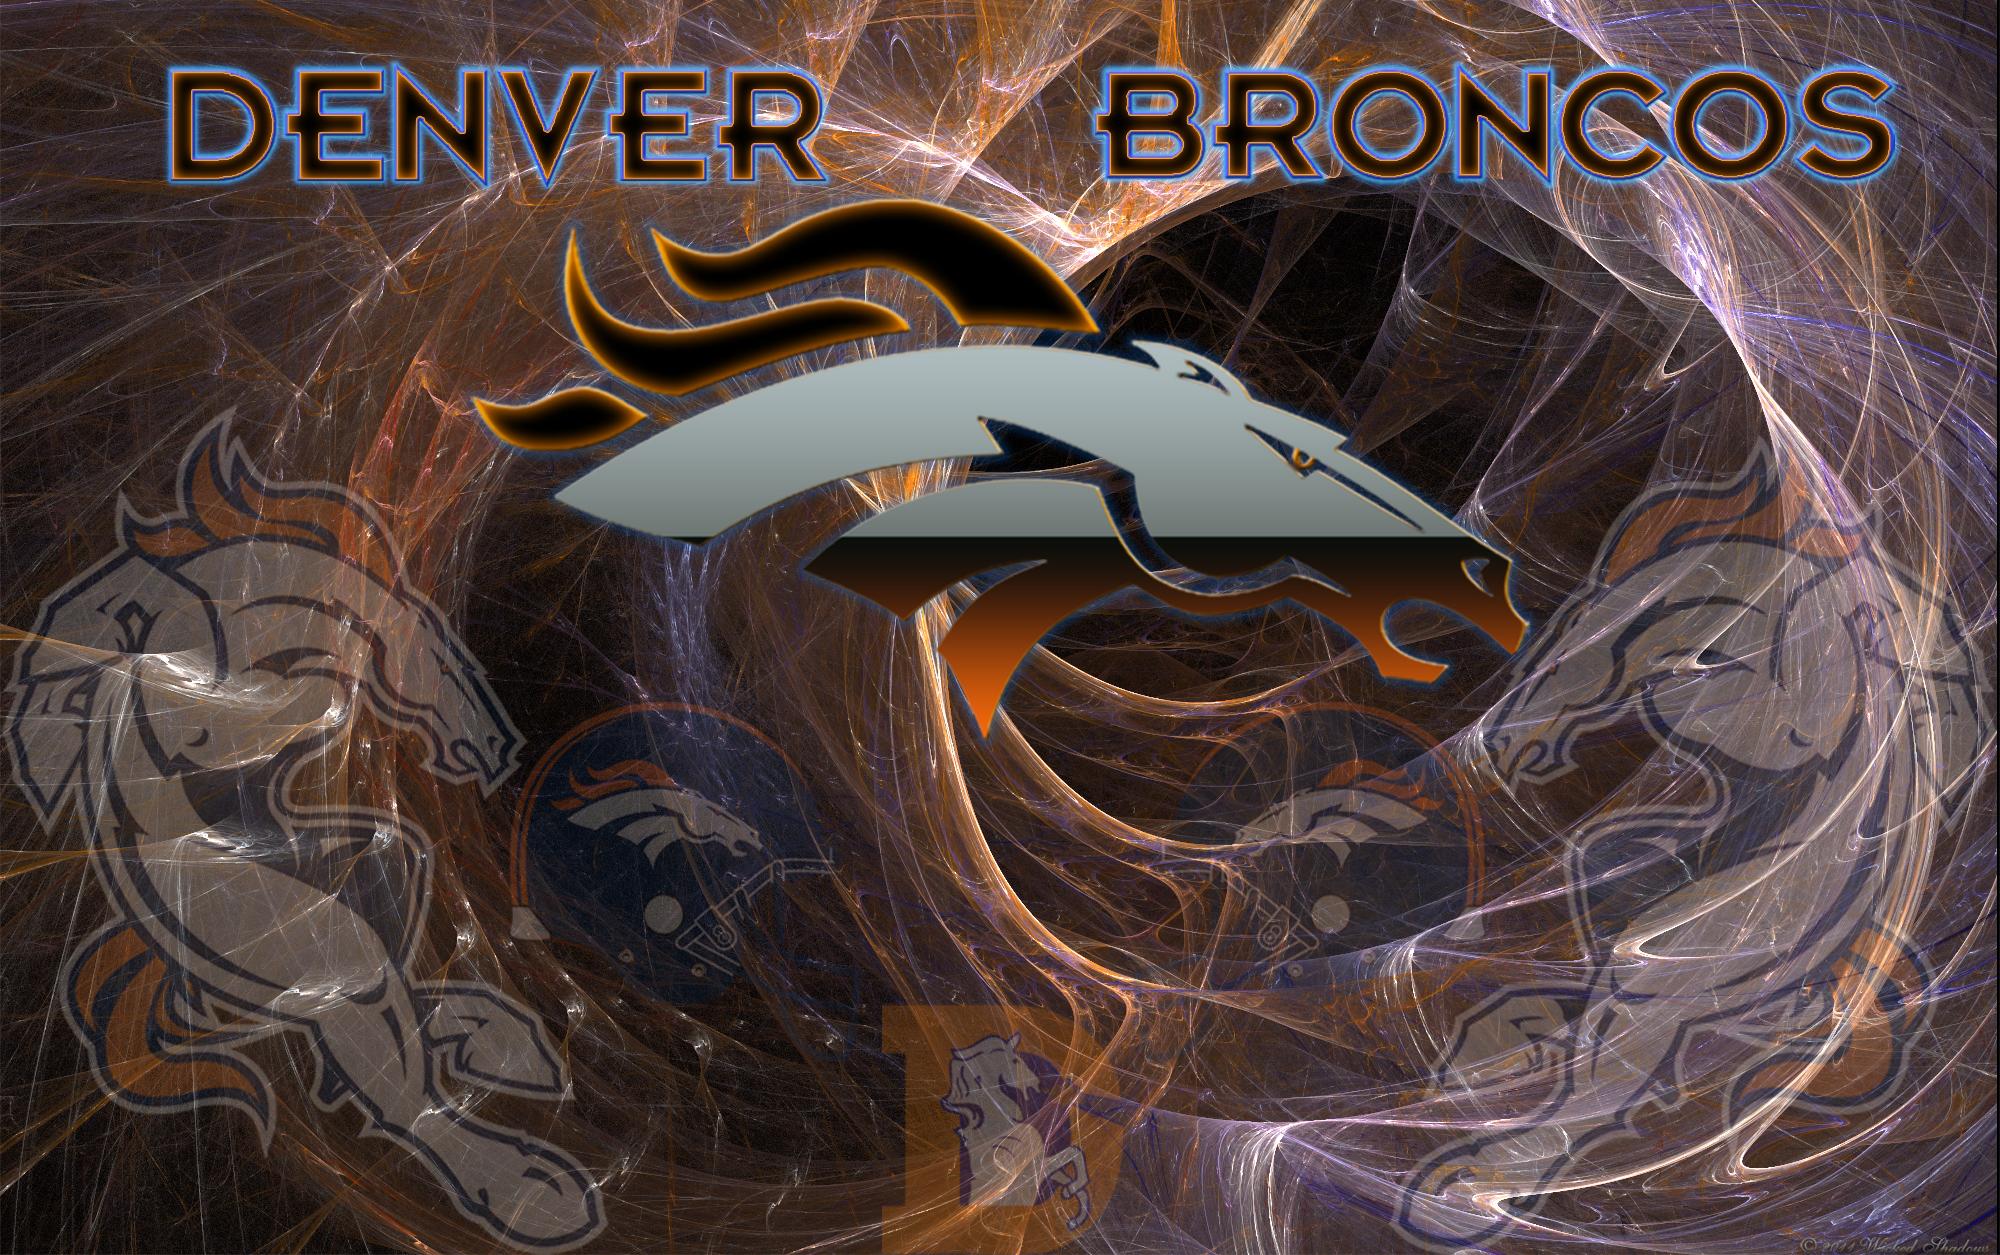 Denver Bronco Wallpaper For Desktop